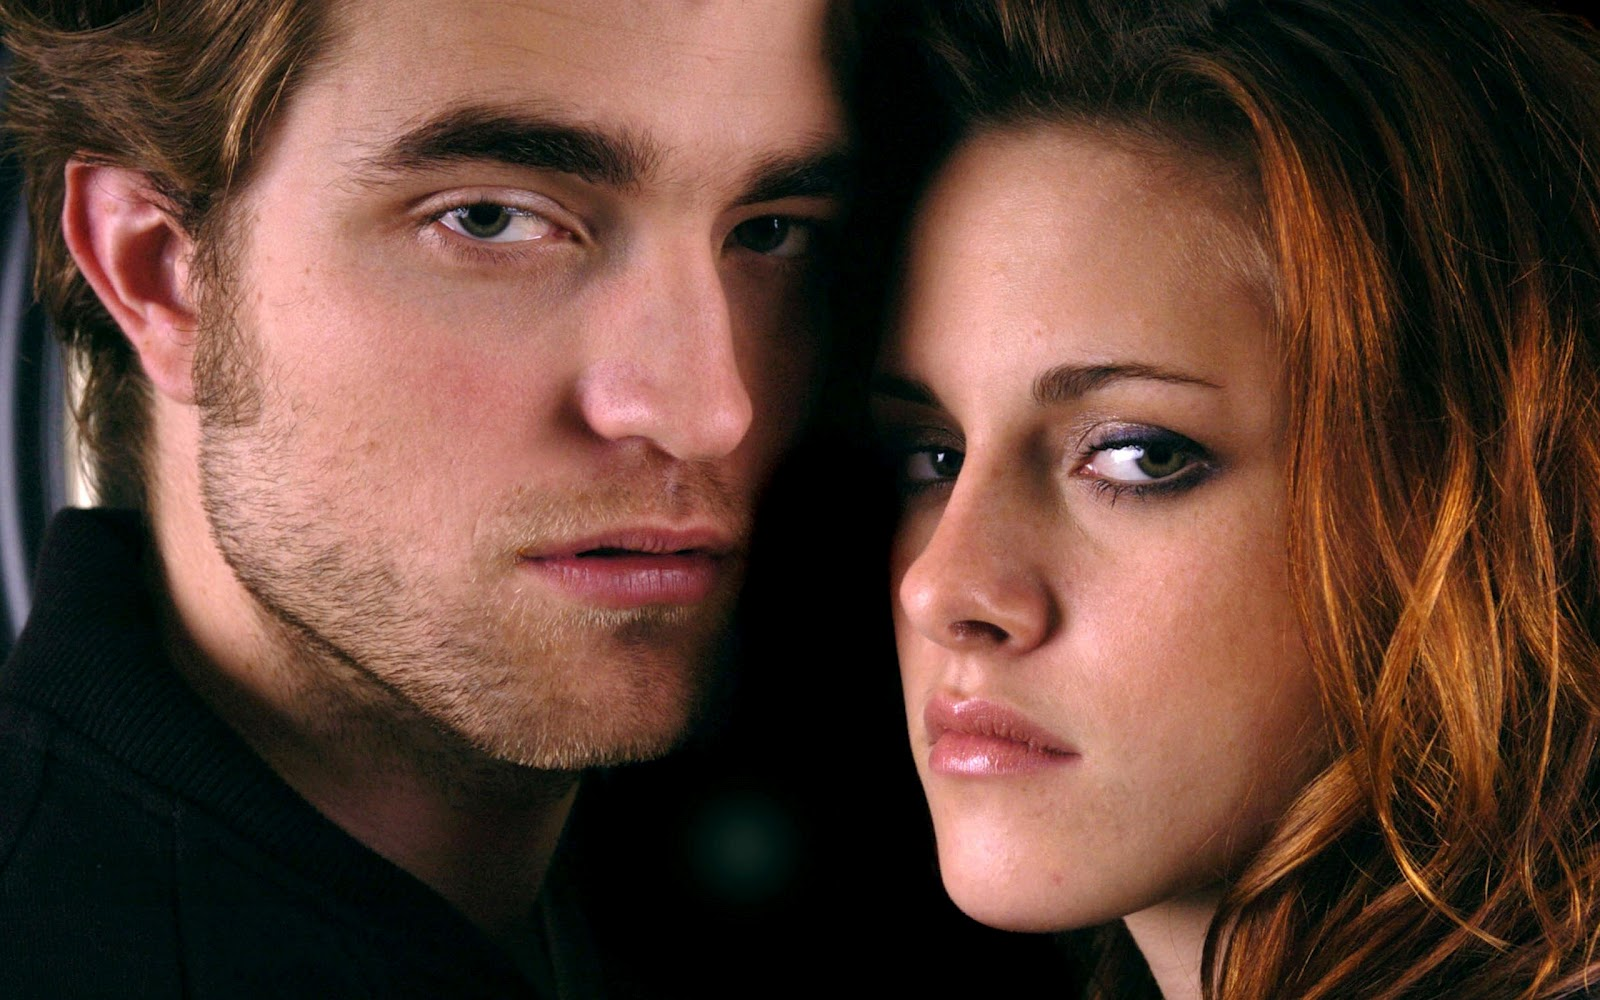 http://1.bp.blogspot.com/-b_ptr8jqFJk/UFfgA18f-GI/AAAAAAAADoQ/iA0k-RCKr04/s1600/Kristen-Stewart-Robert-Pattinson.jpg